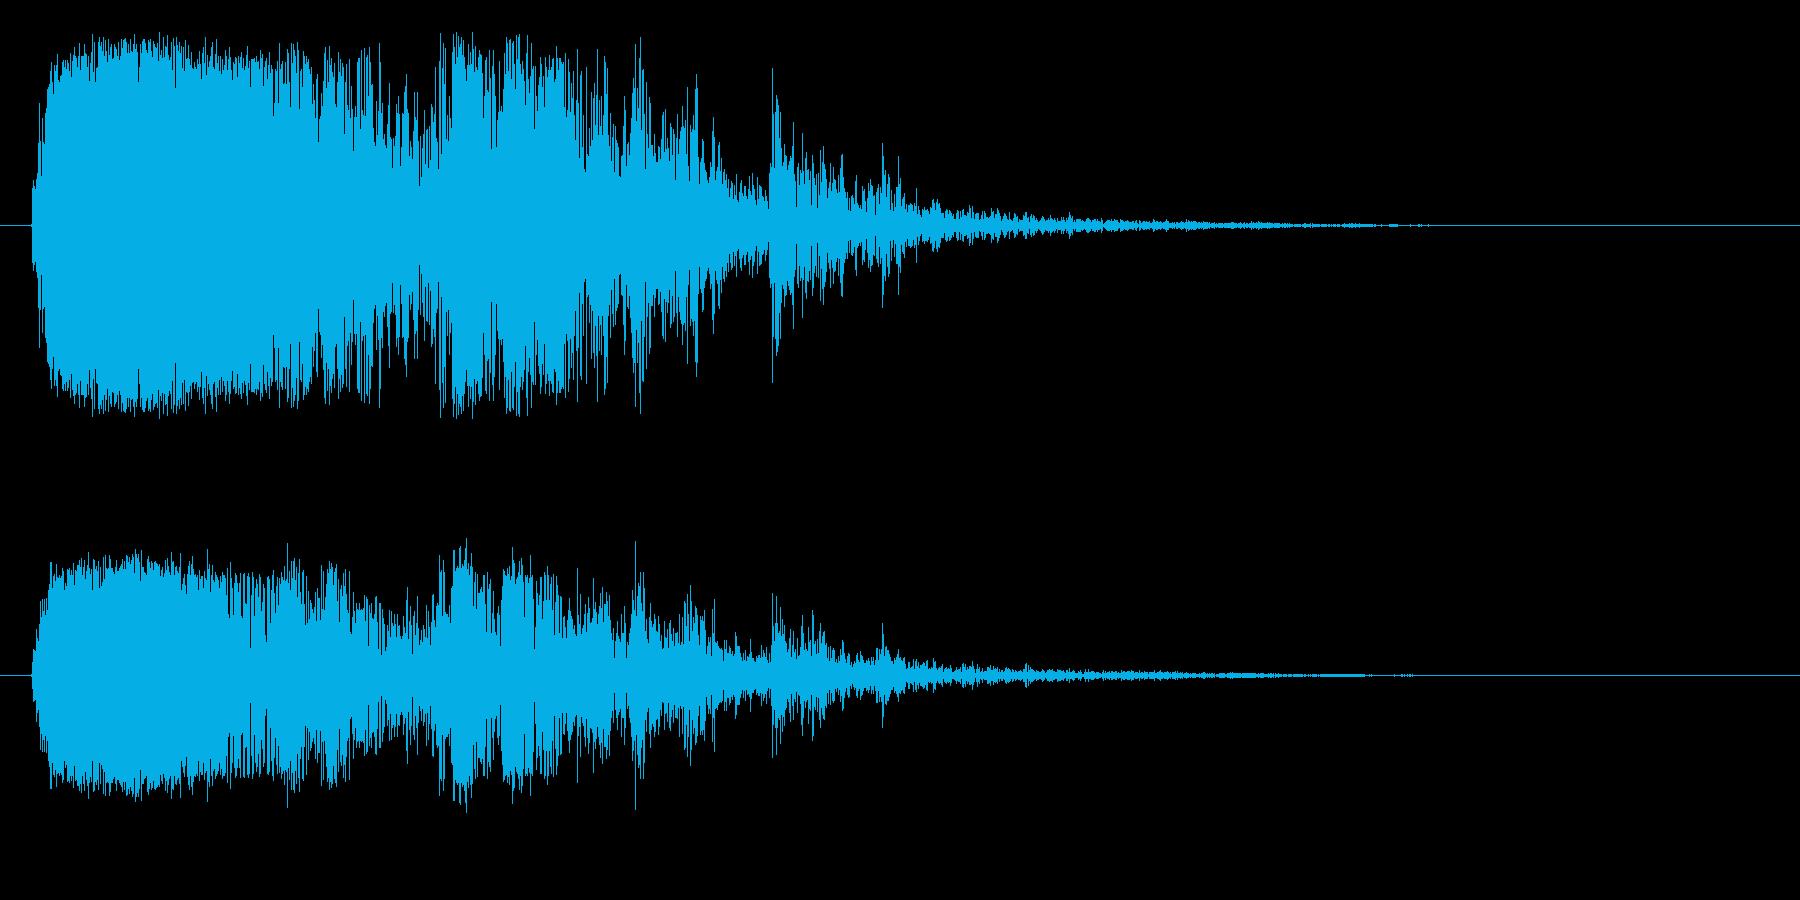 ガチャガチャ(金属がぶつかる音)の再生済みの波形